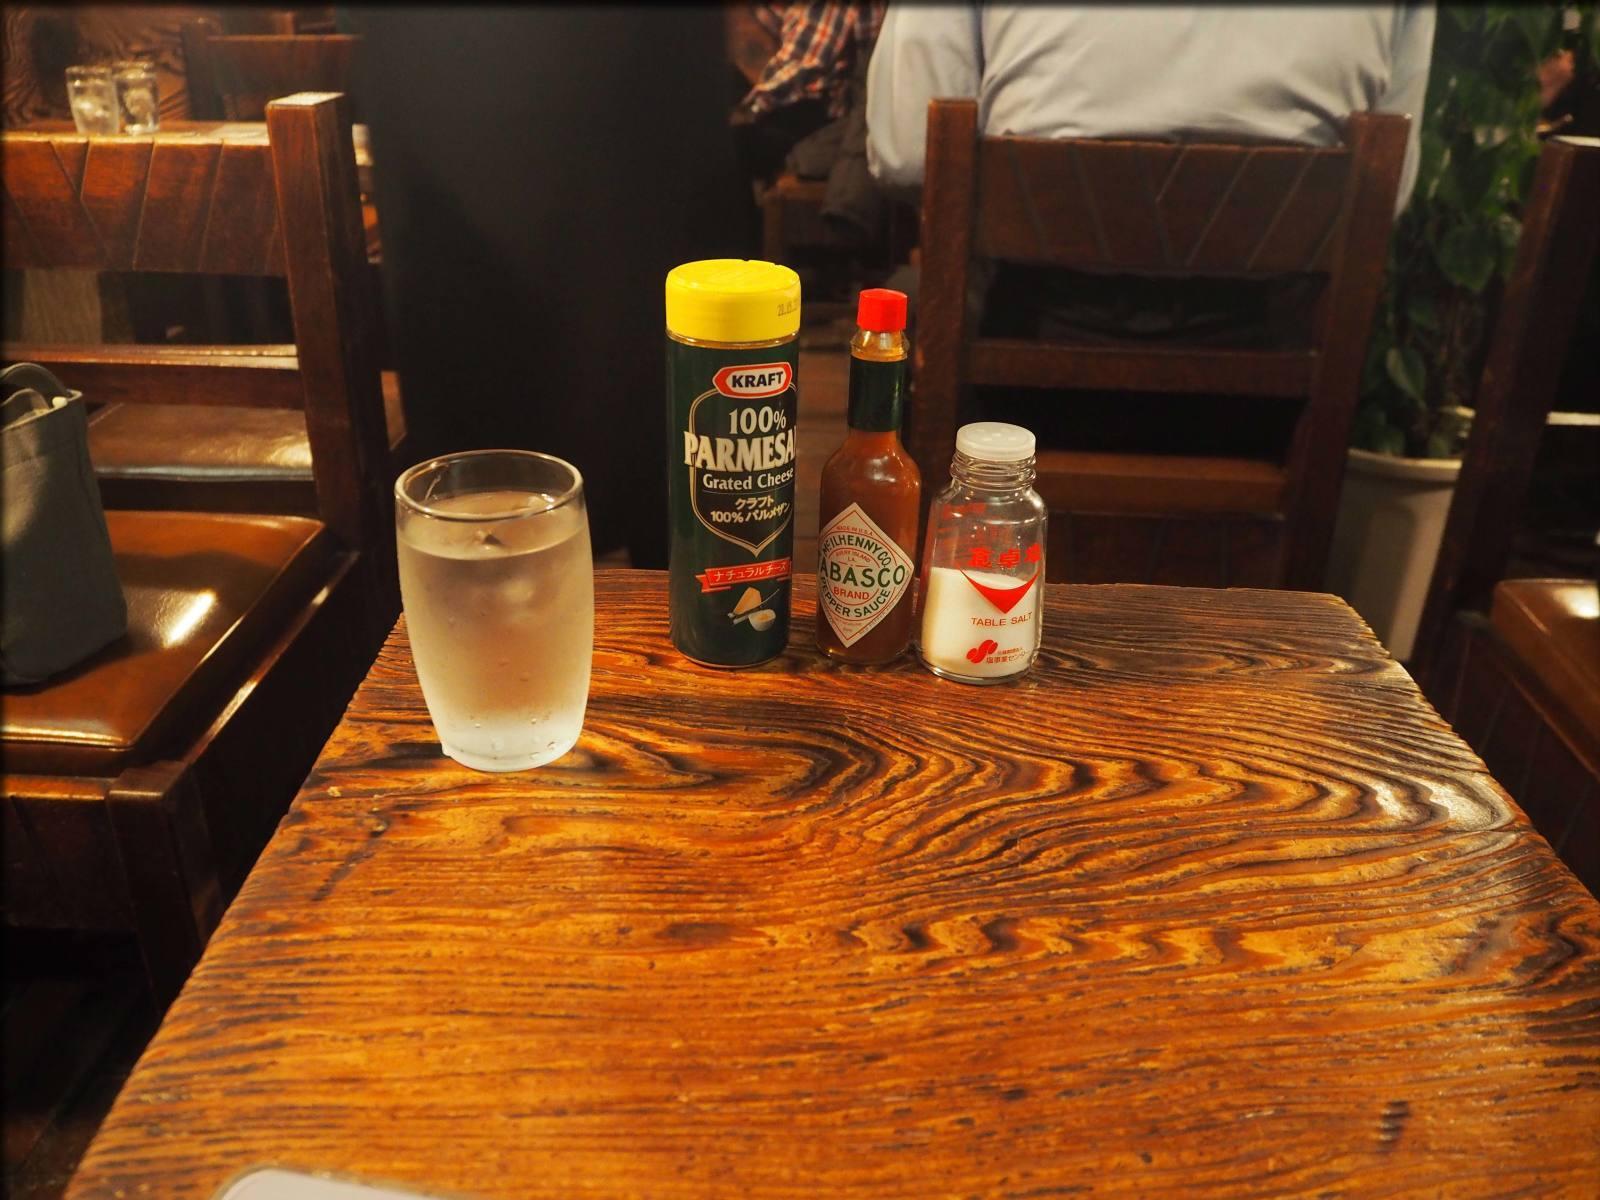 昭和を感じる「さぼうる2」でナポリタン@神田神保町_b0054329_09153561.jpg